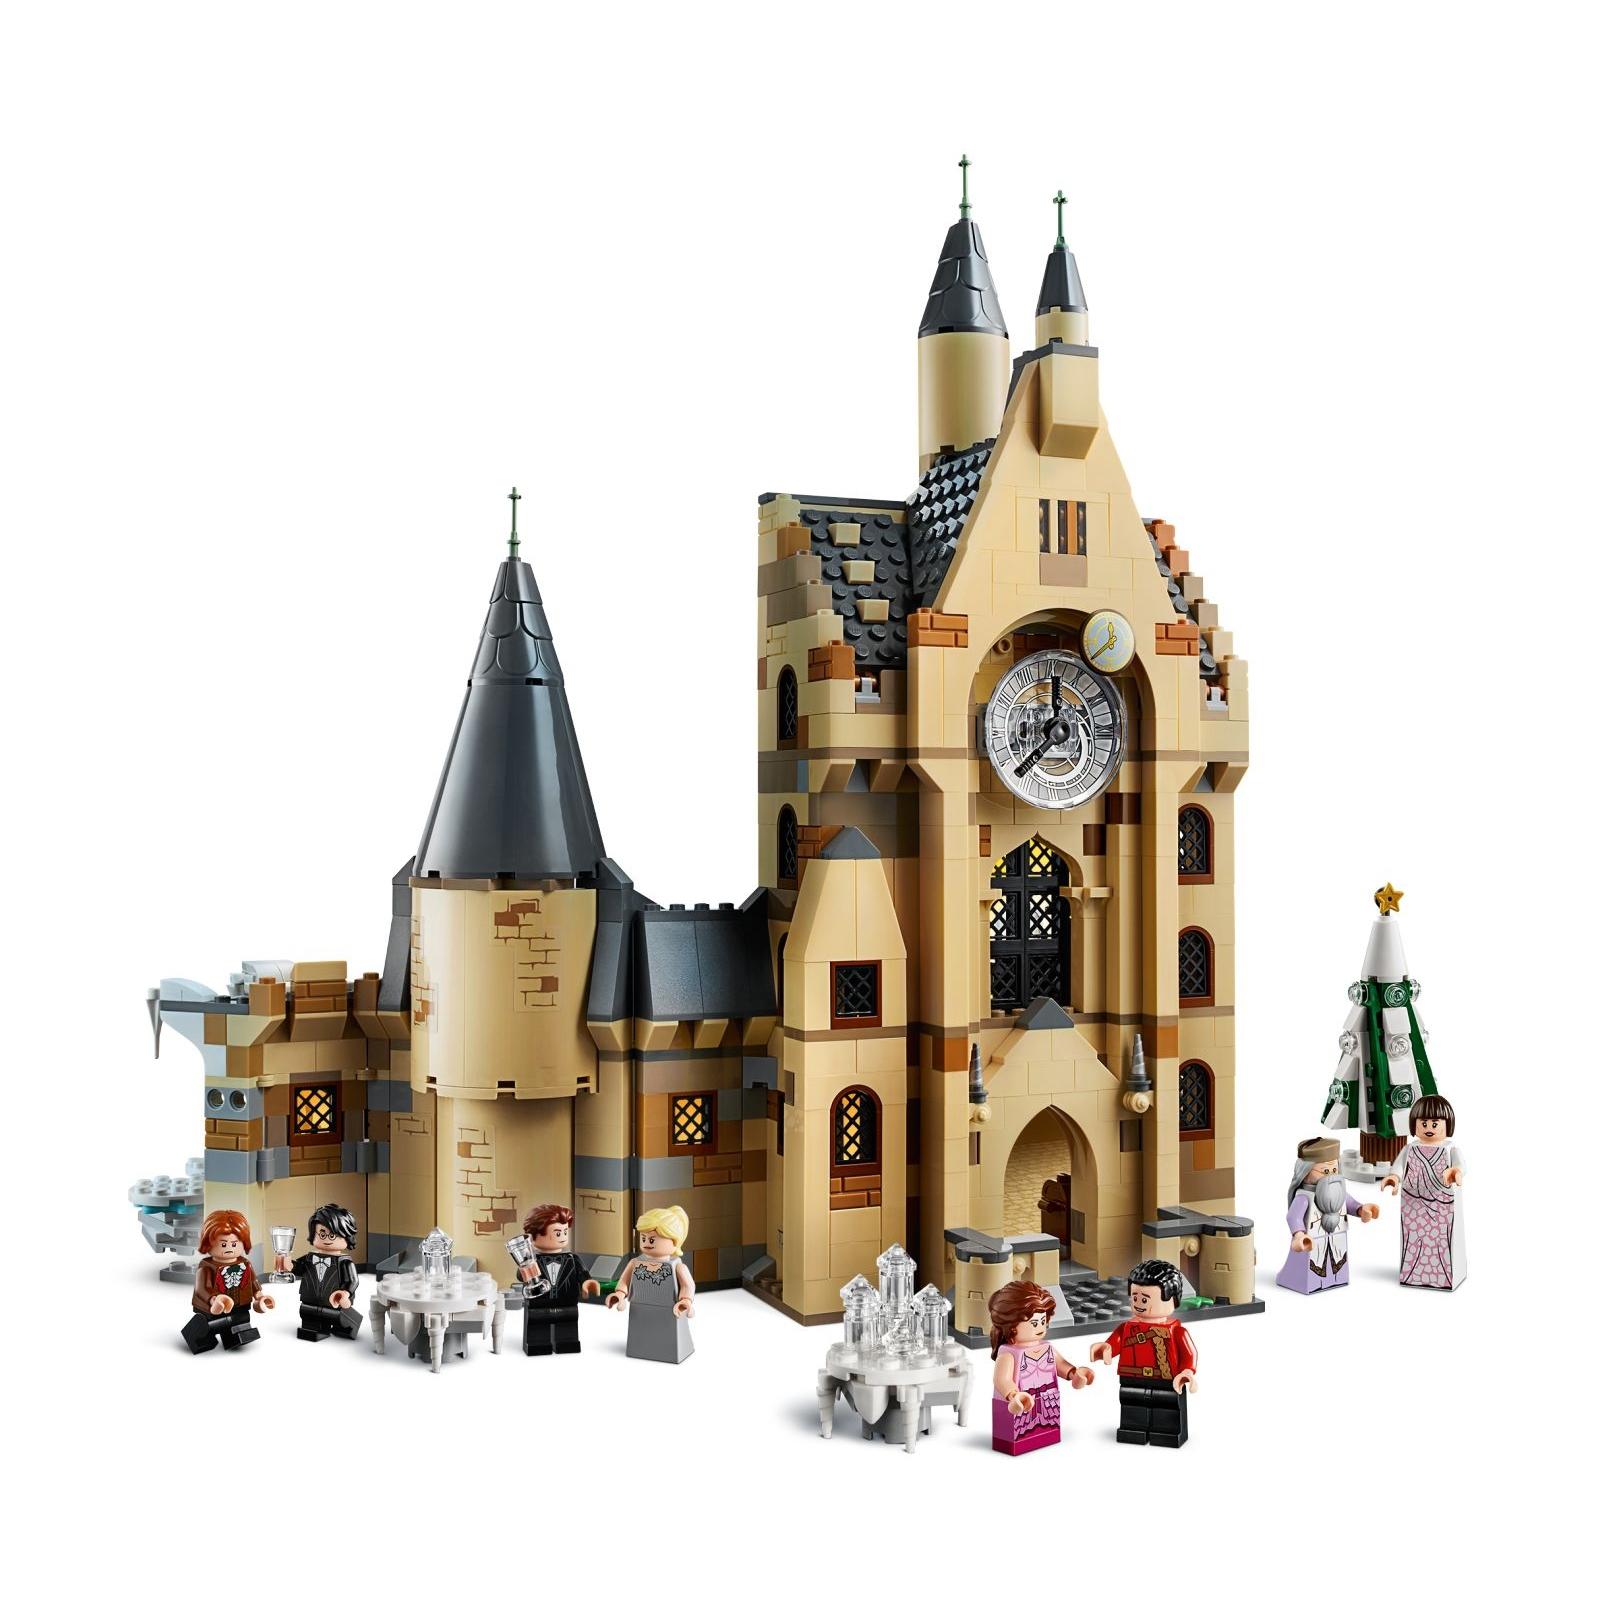 Конструктор LEGO Harry Potter Часовая башня Хогвартса 922 детали (75948) изображение 3